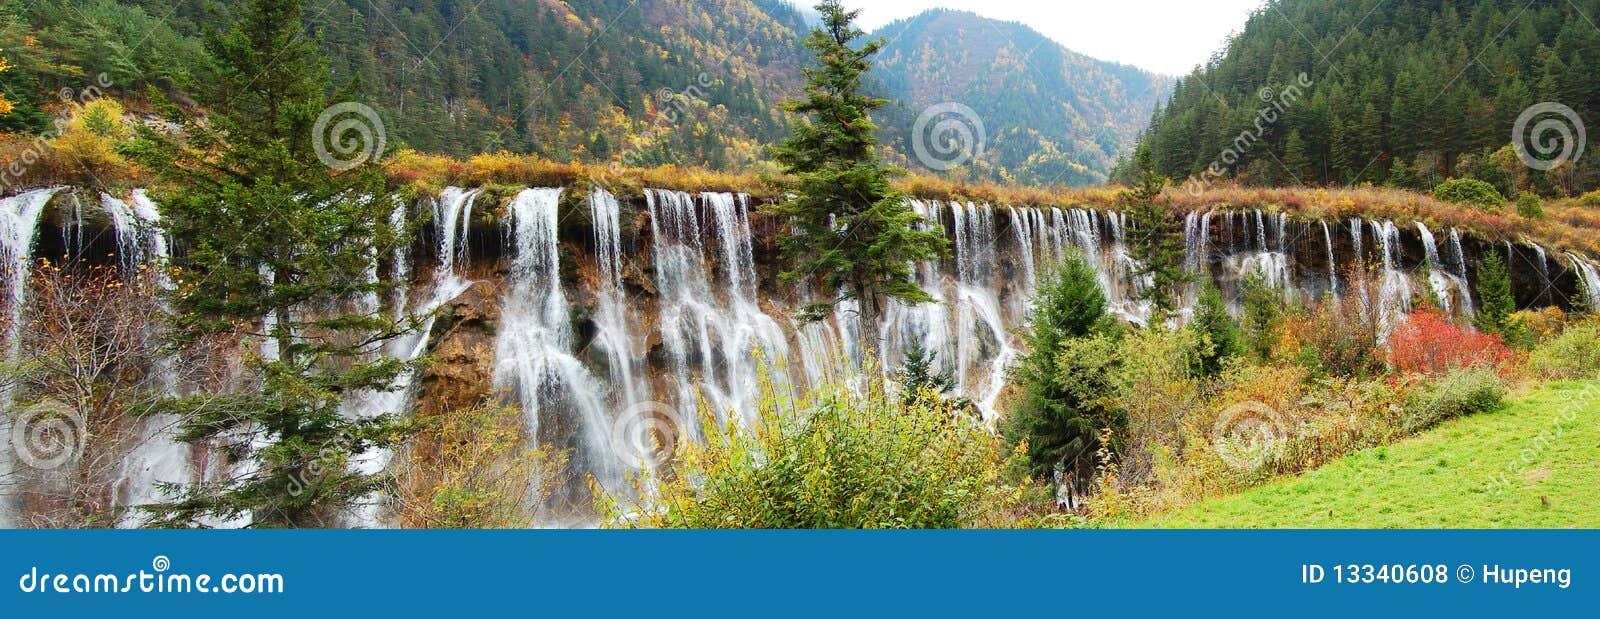 Jesień jiuzhaigou drzewa siklawa